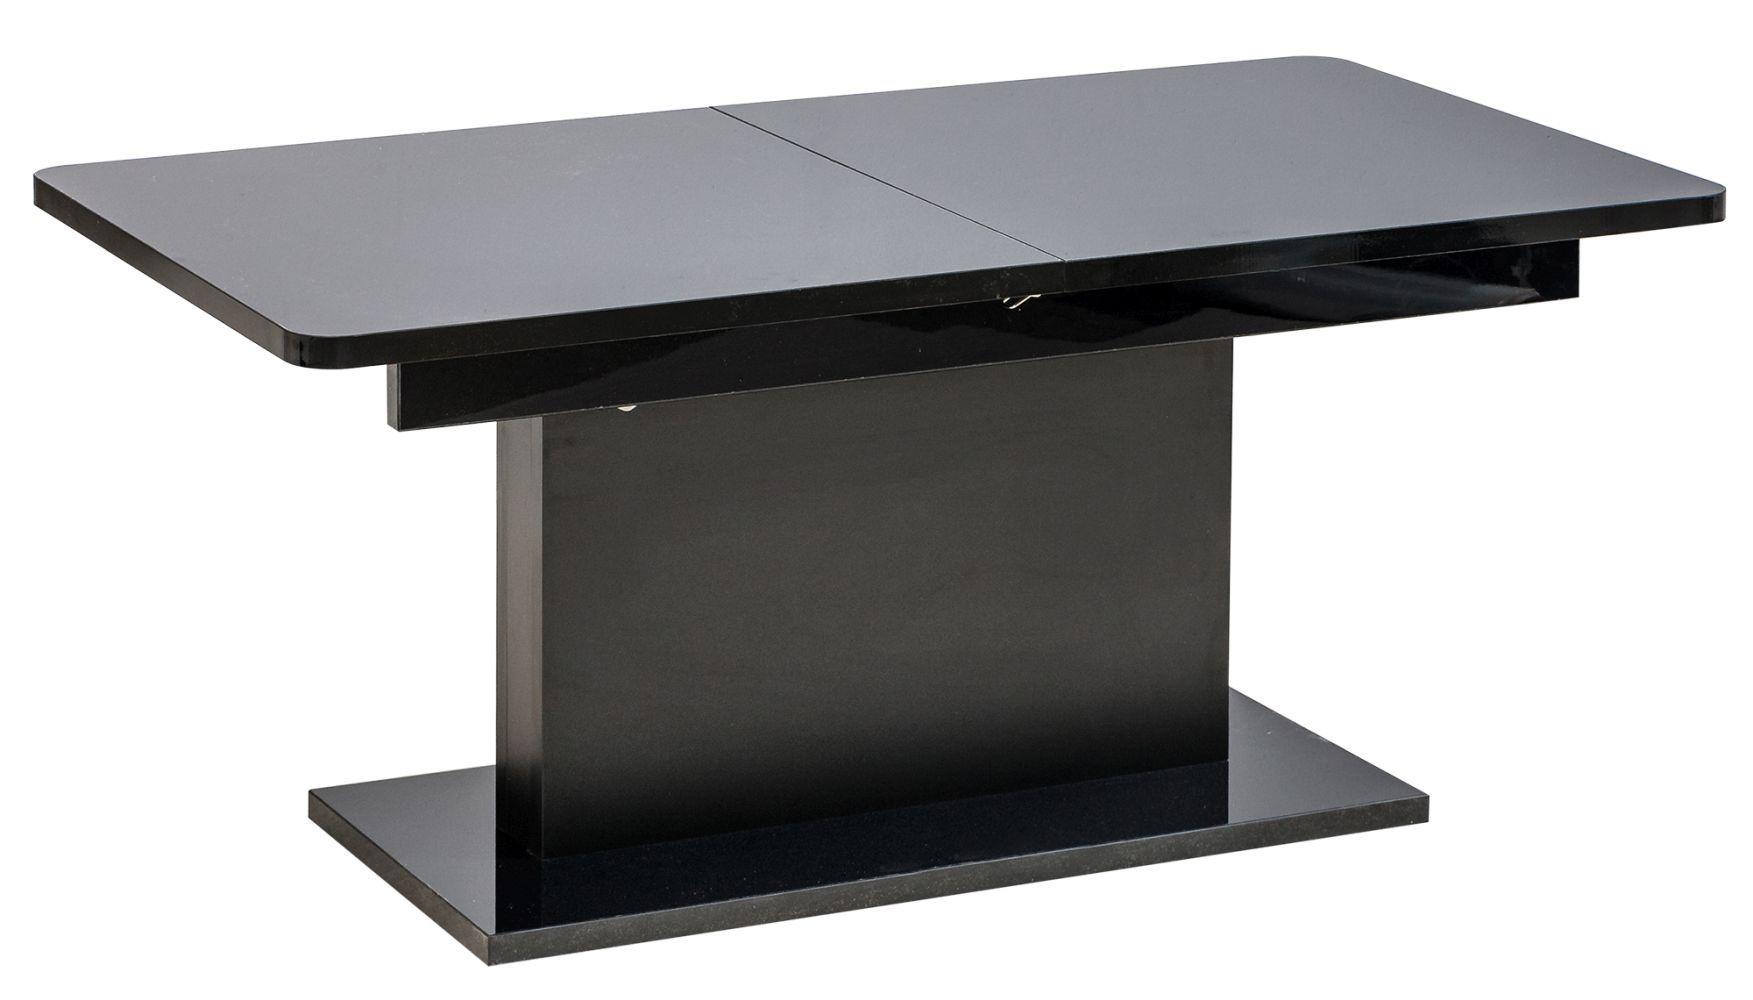 Couchtisch höhenverstellbar und ausziehbar Escolar 2, Farbe: Schwarz - 126-168 x 70 x 58-75 cm (B x T x H)